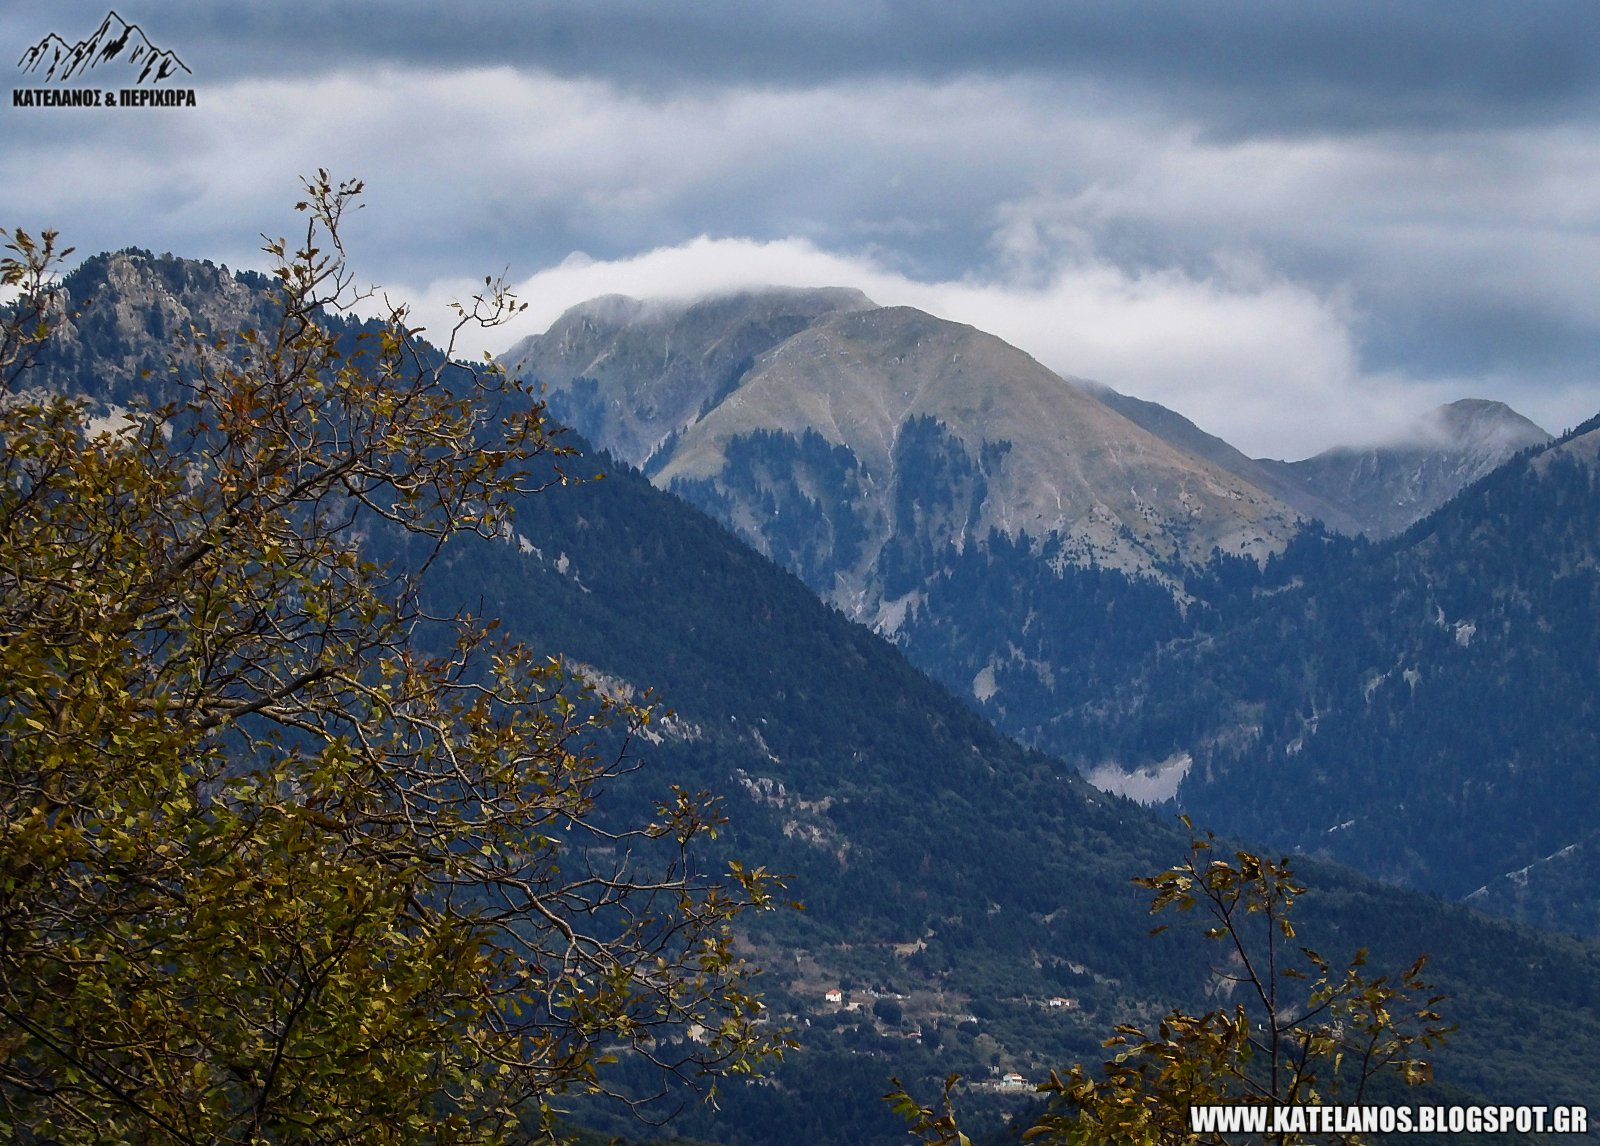 κατελάνος βουνό παλιοκερασιά αιτωλοακαρνανίας φθινόπωρο αντάρες σύννεφα